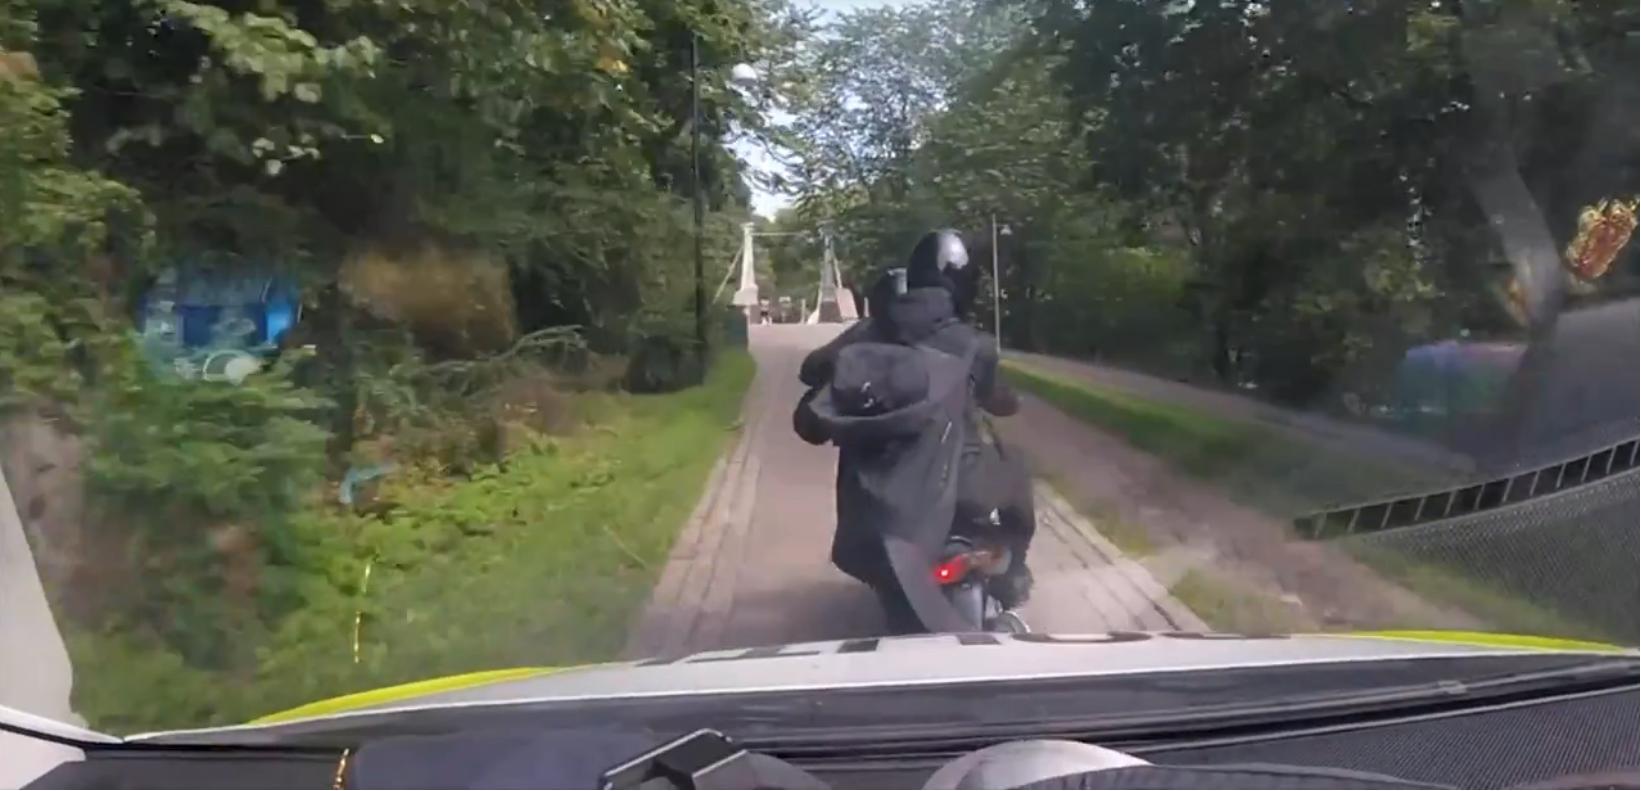 Nórskym policajtom radšej neunikajte. V tomto videu sú nekompromisní